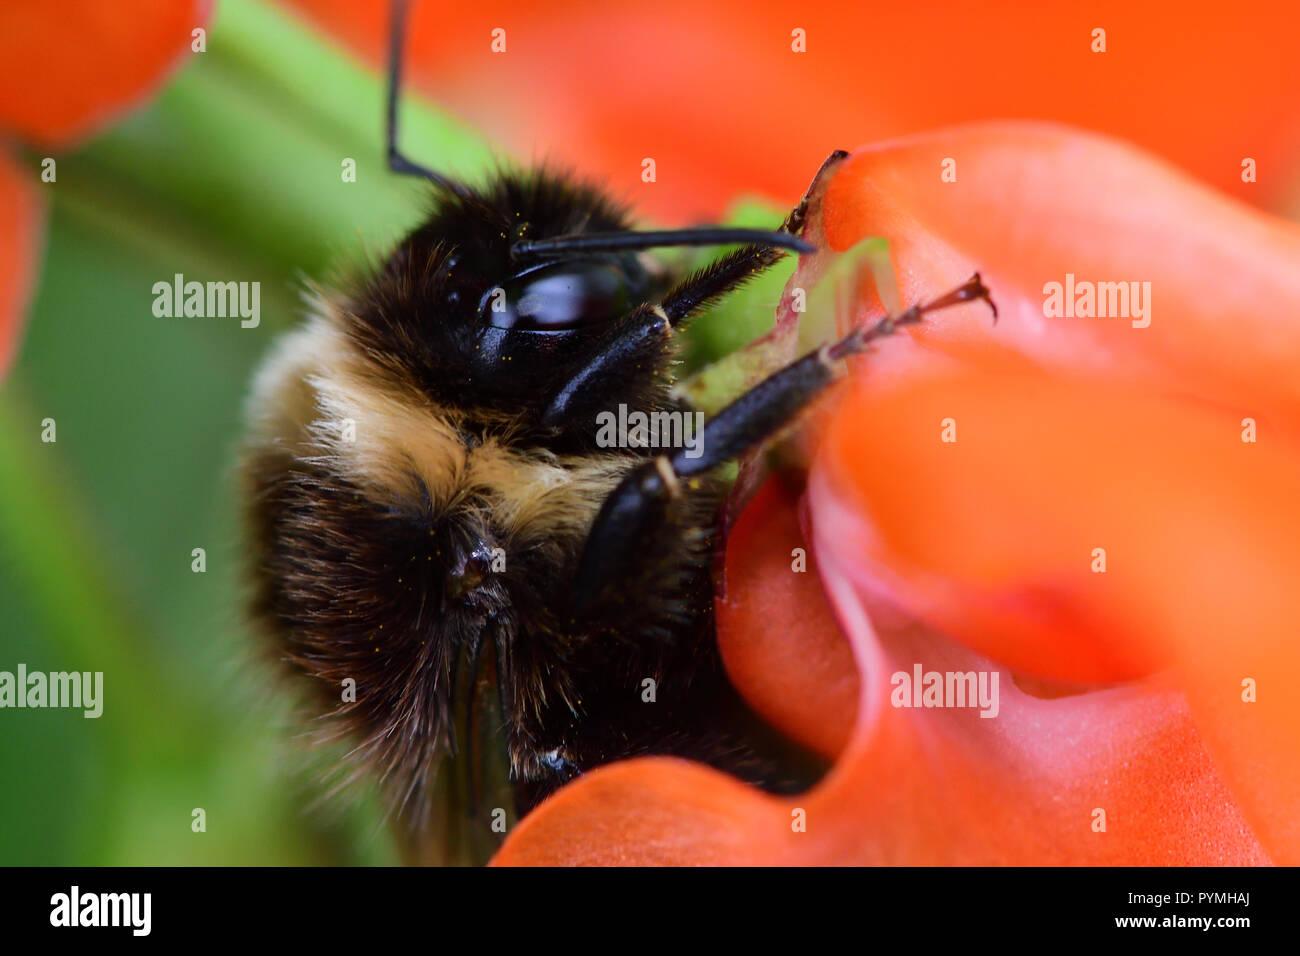 Makroaufnahme einer Hummel bestäubt eine prunkbohne Blüte Stockbild